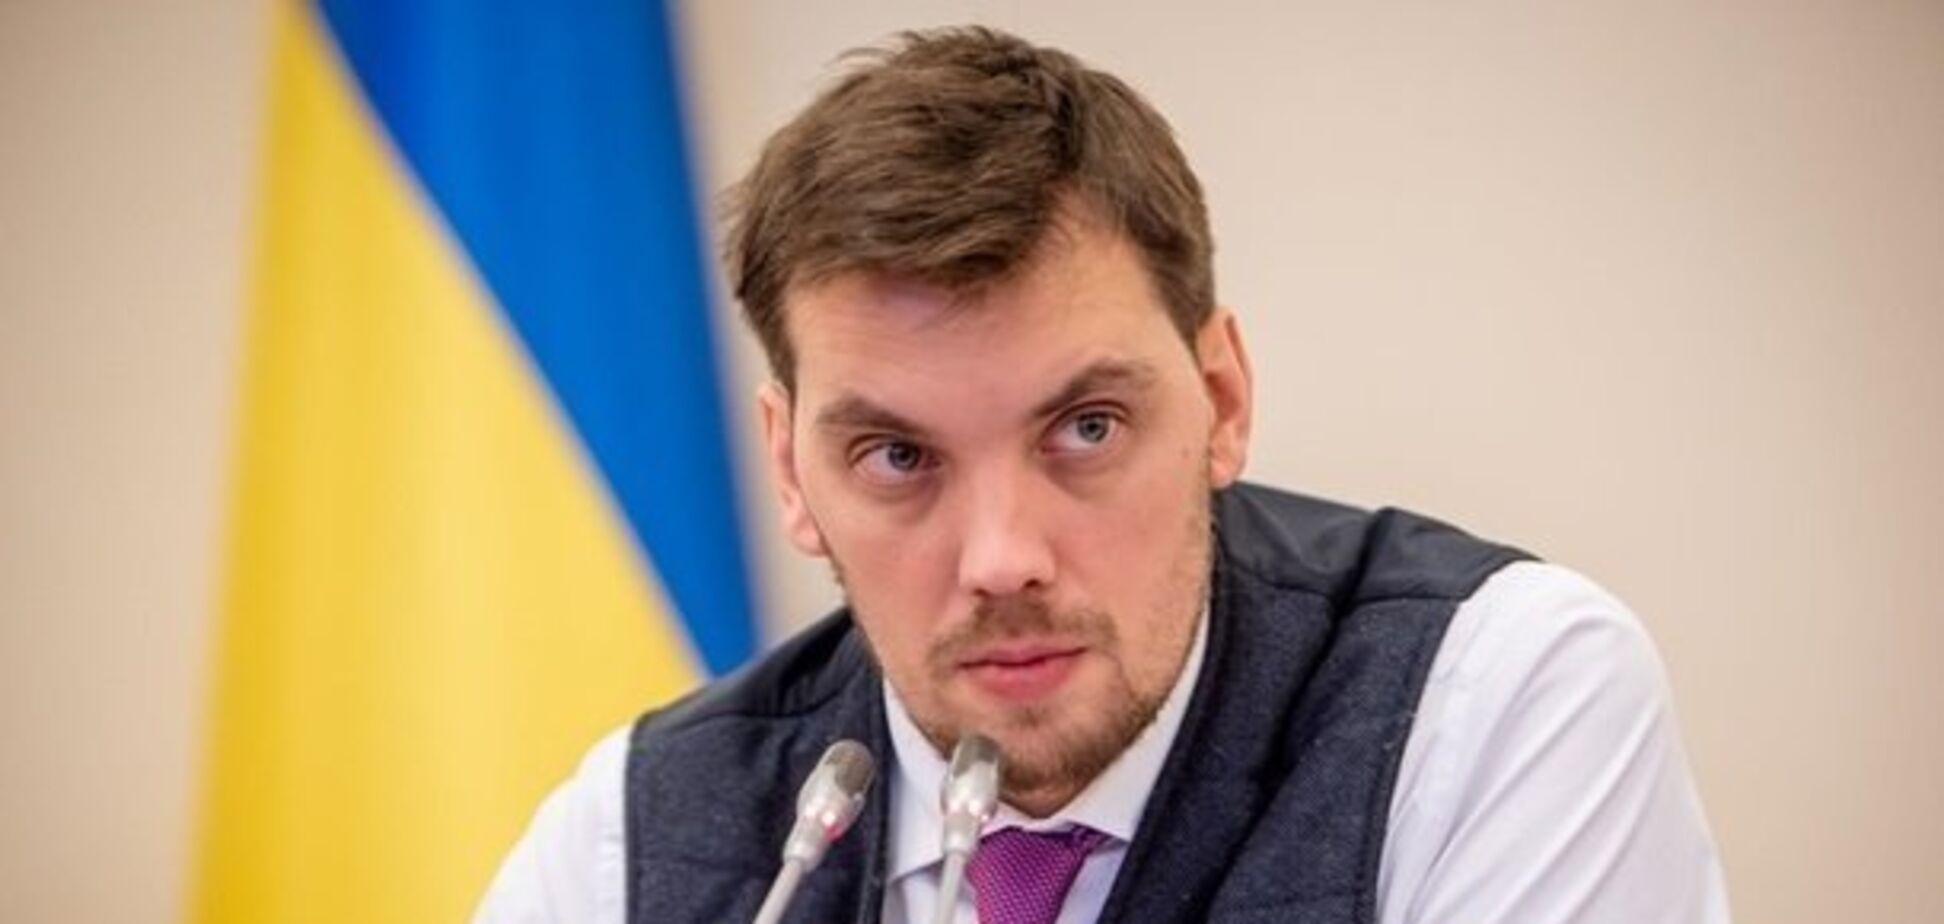 Гончарук внезапно покинул Украину. Видеообращение